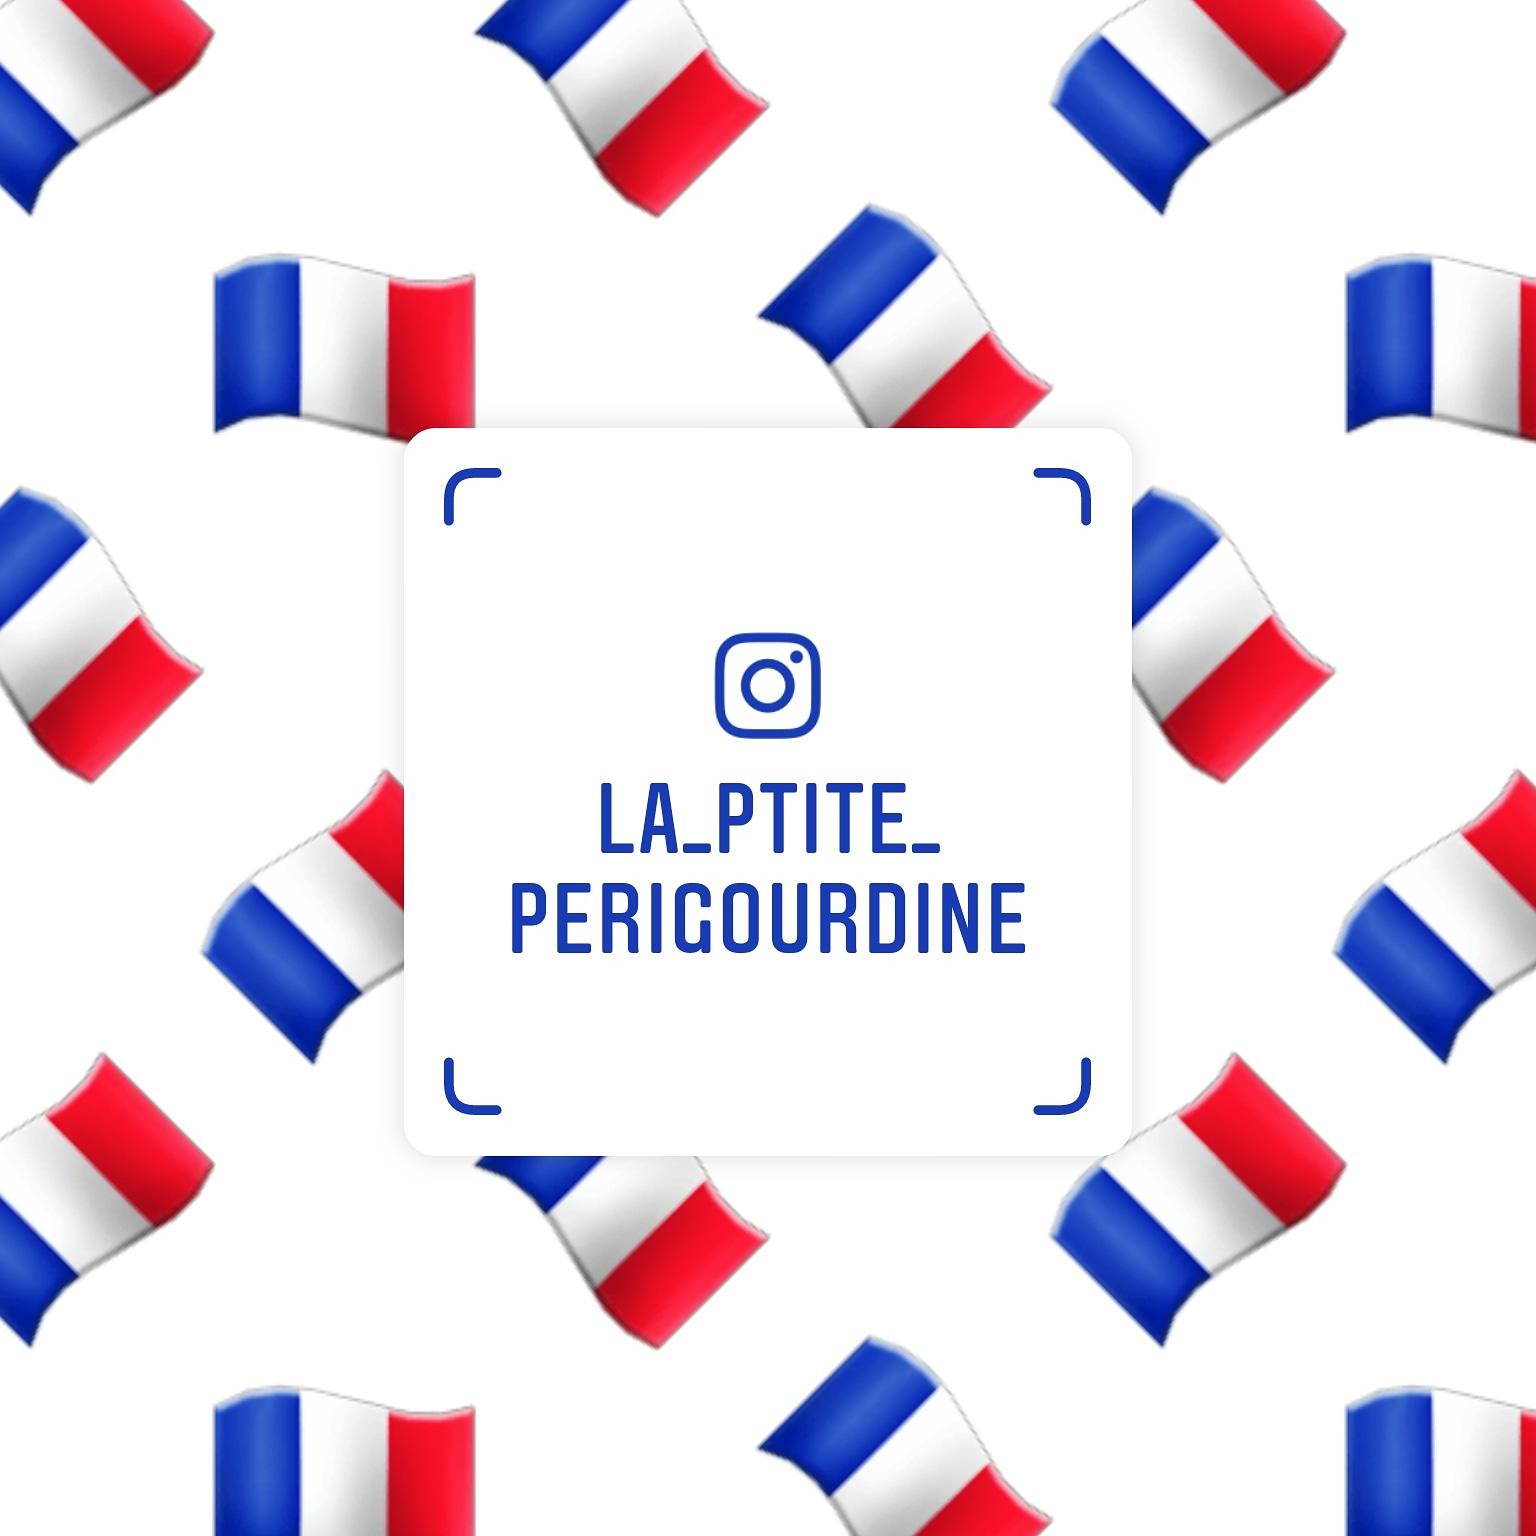 La-Petite-Perigourdine-du-24